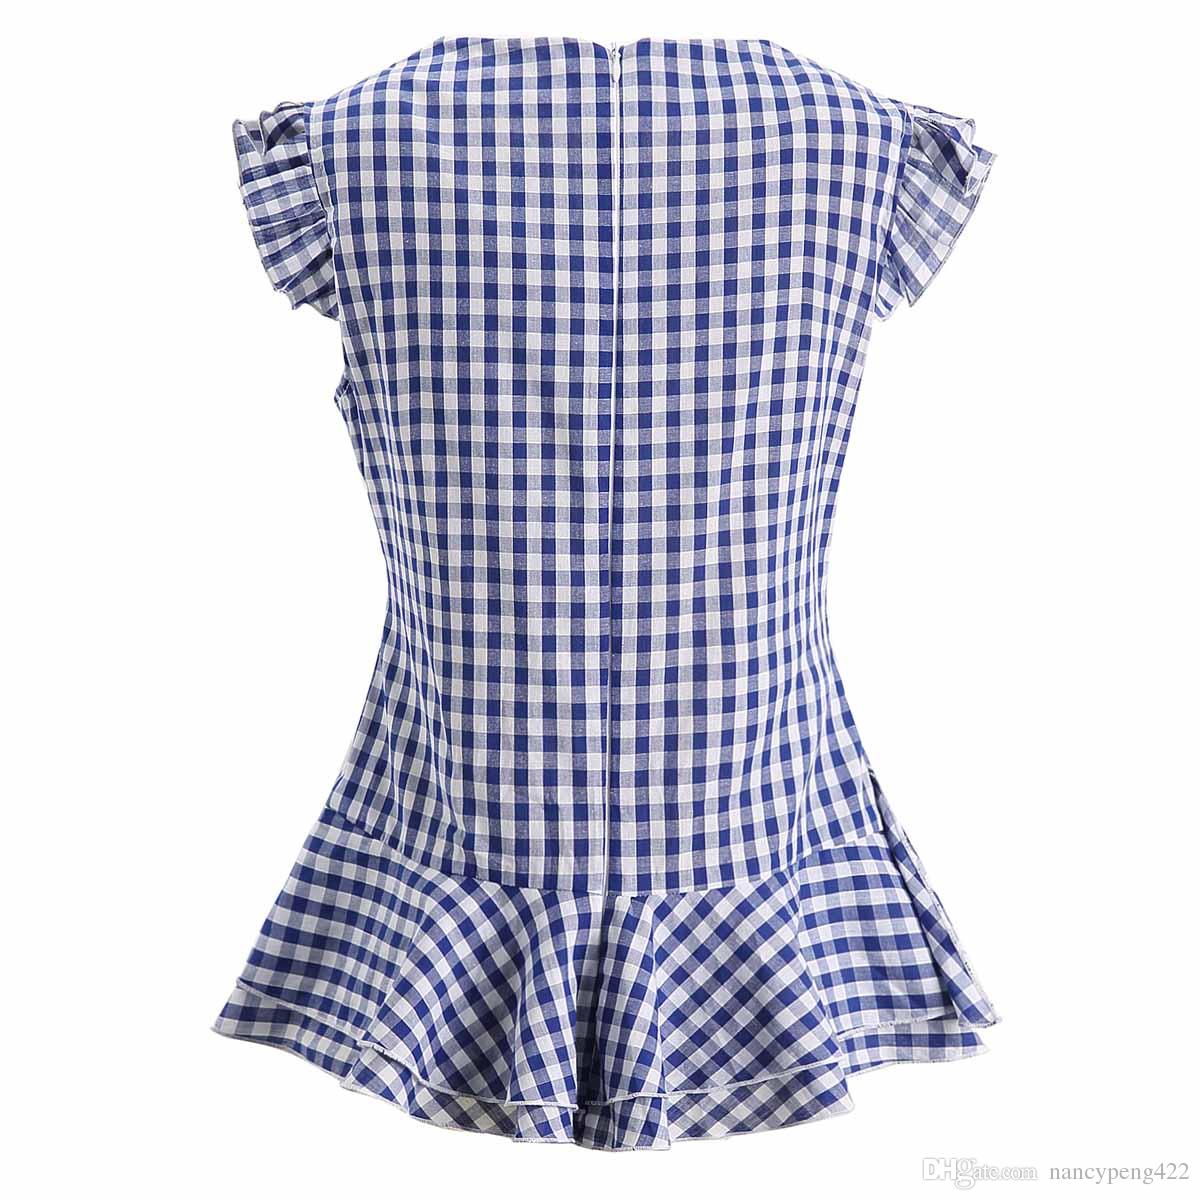 Summer Plaid Ruffles Peplum Tops pour les femmes sans manches noir et blanc rose bleu chemisier chechered chemises bureau dames vêtements de travail vêtements